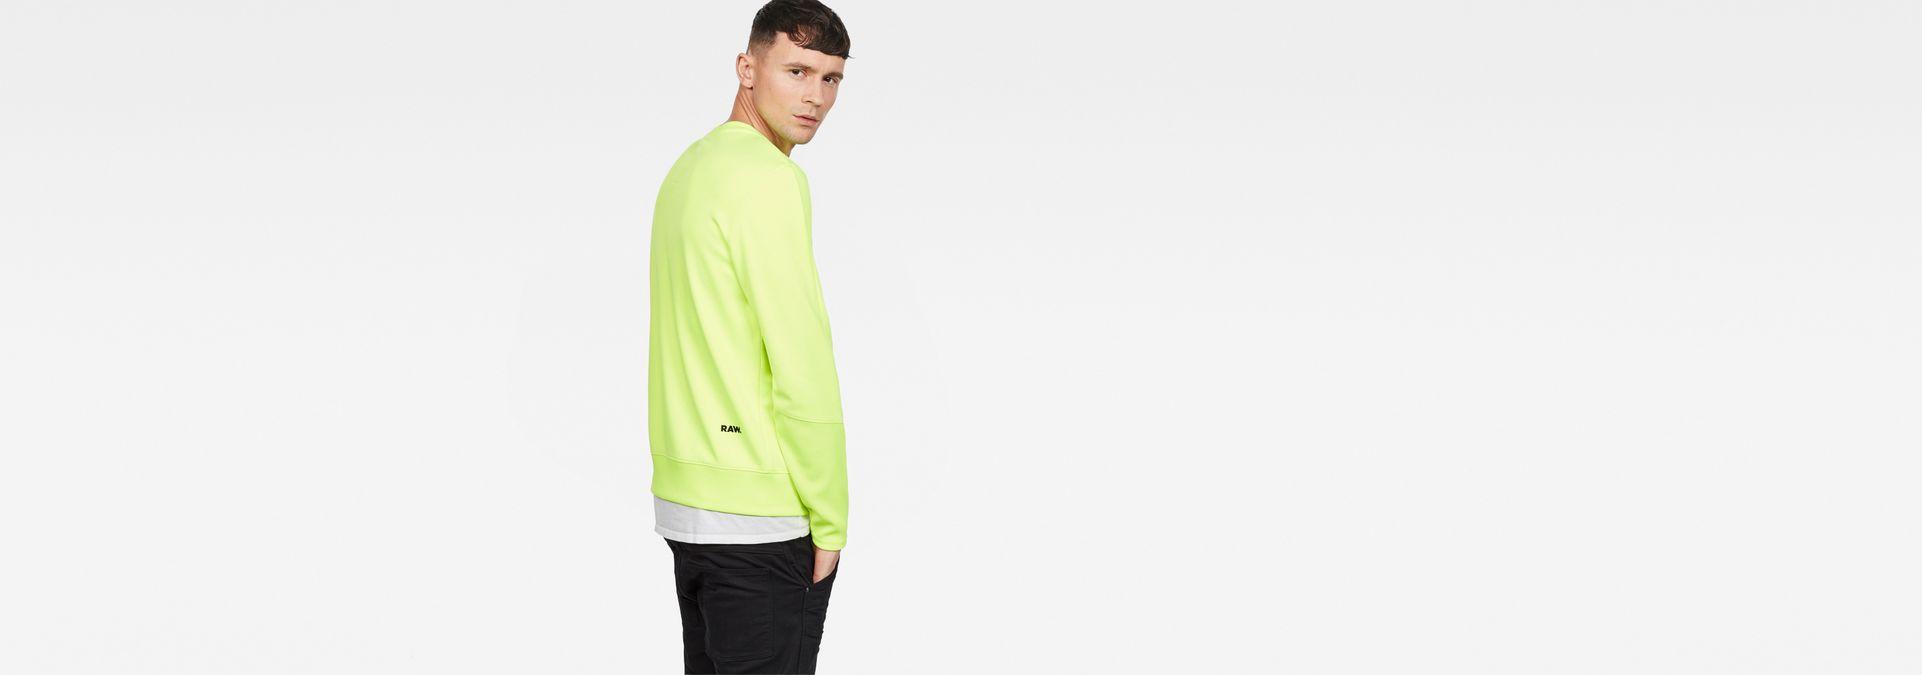 G-Star CARNIX - Sweatshirt - neon yellow Qualité Originale Prix Des Prix Pas Cher gdRnLYs